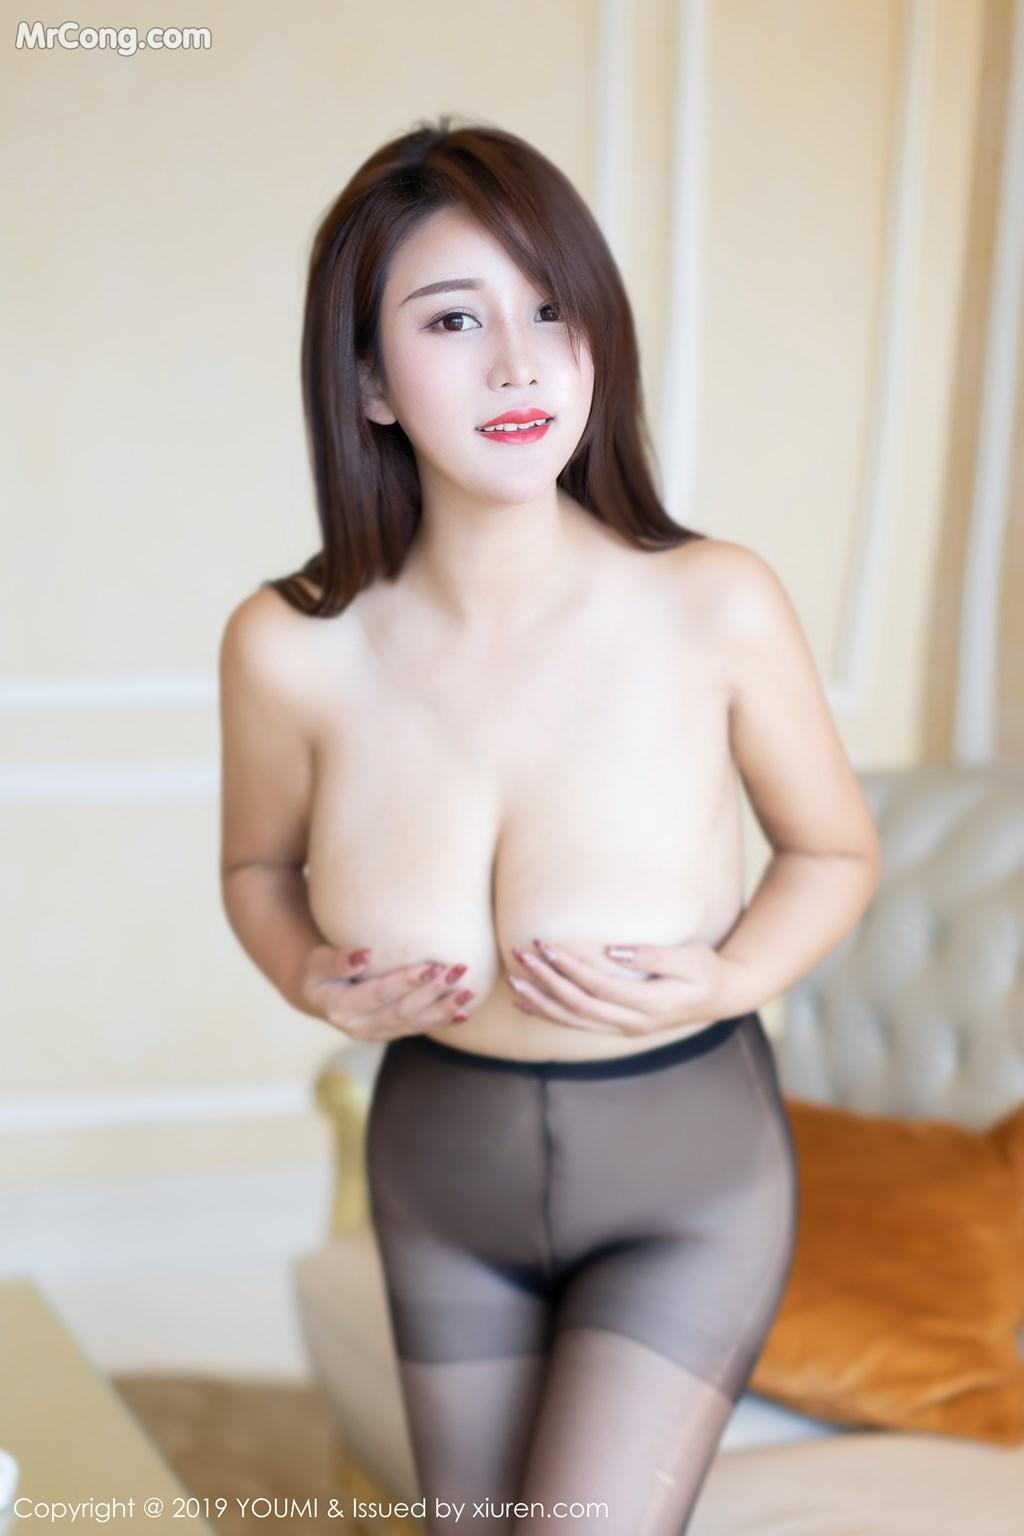 Image YouMi-Vol.341-ber-MrCong.com-045 in post YouMi Vol.341: 潘琳琳ber (56 ảnh)